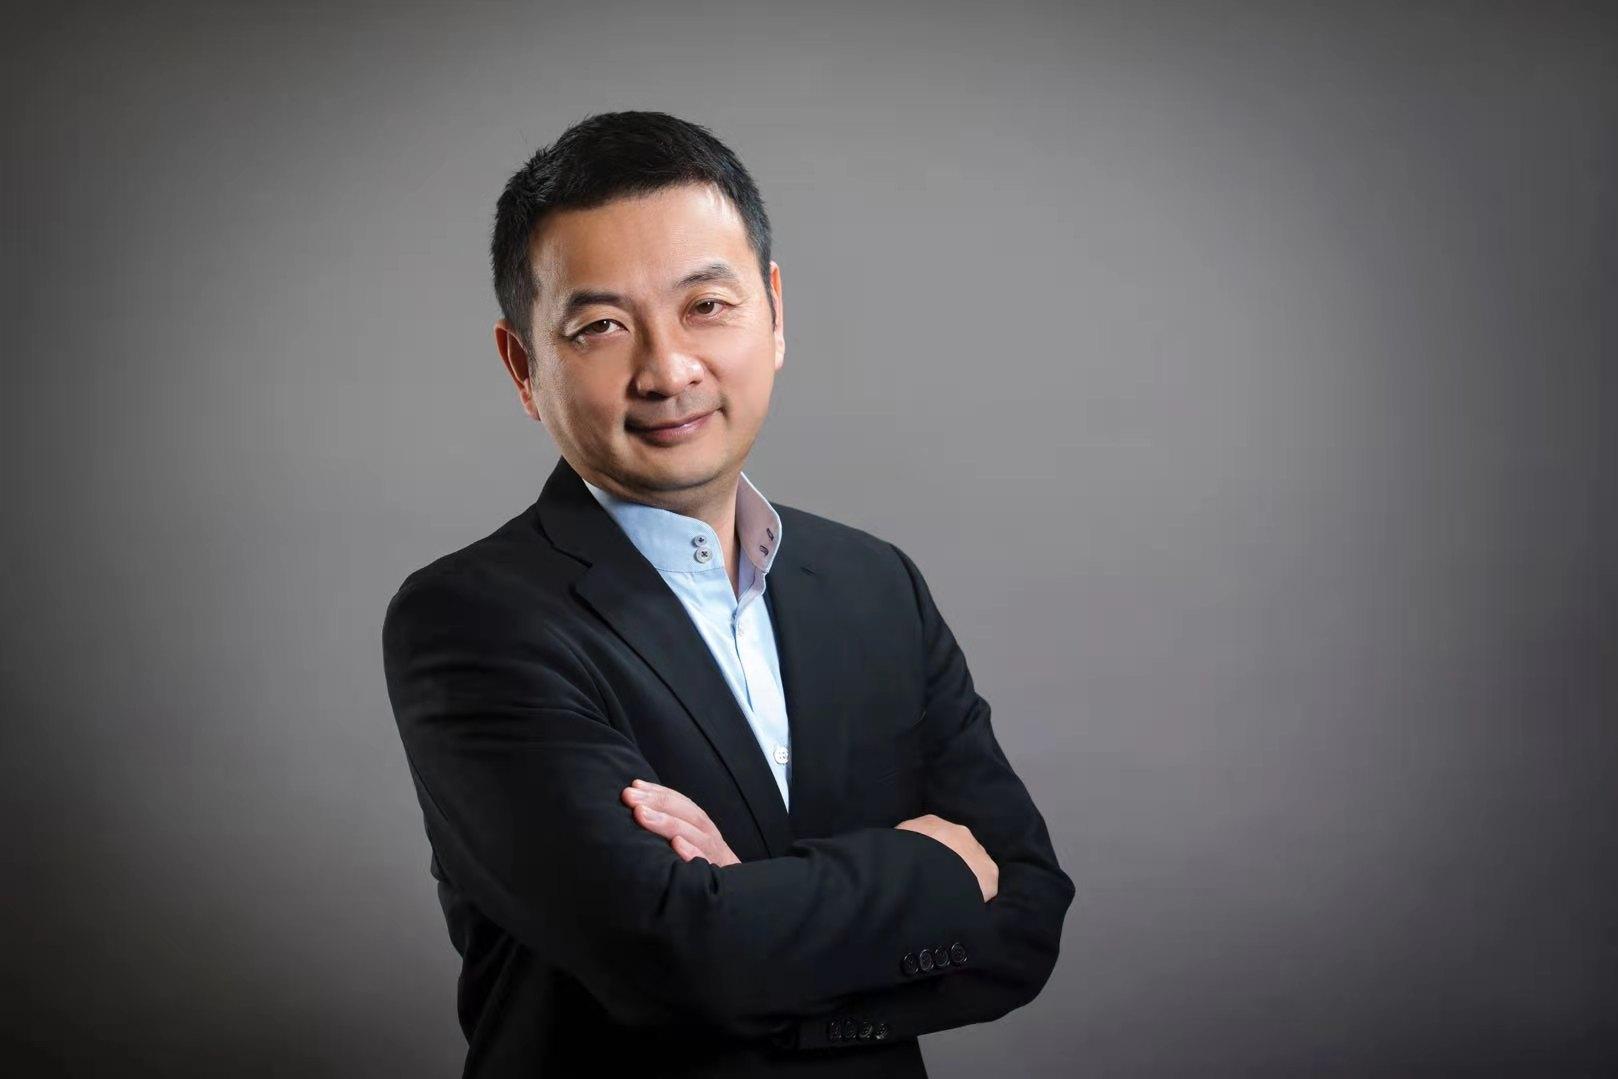 人口学者、携程集团董事局主席梁建章。受访者供图